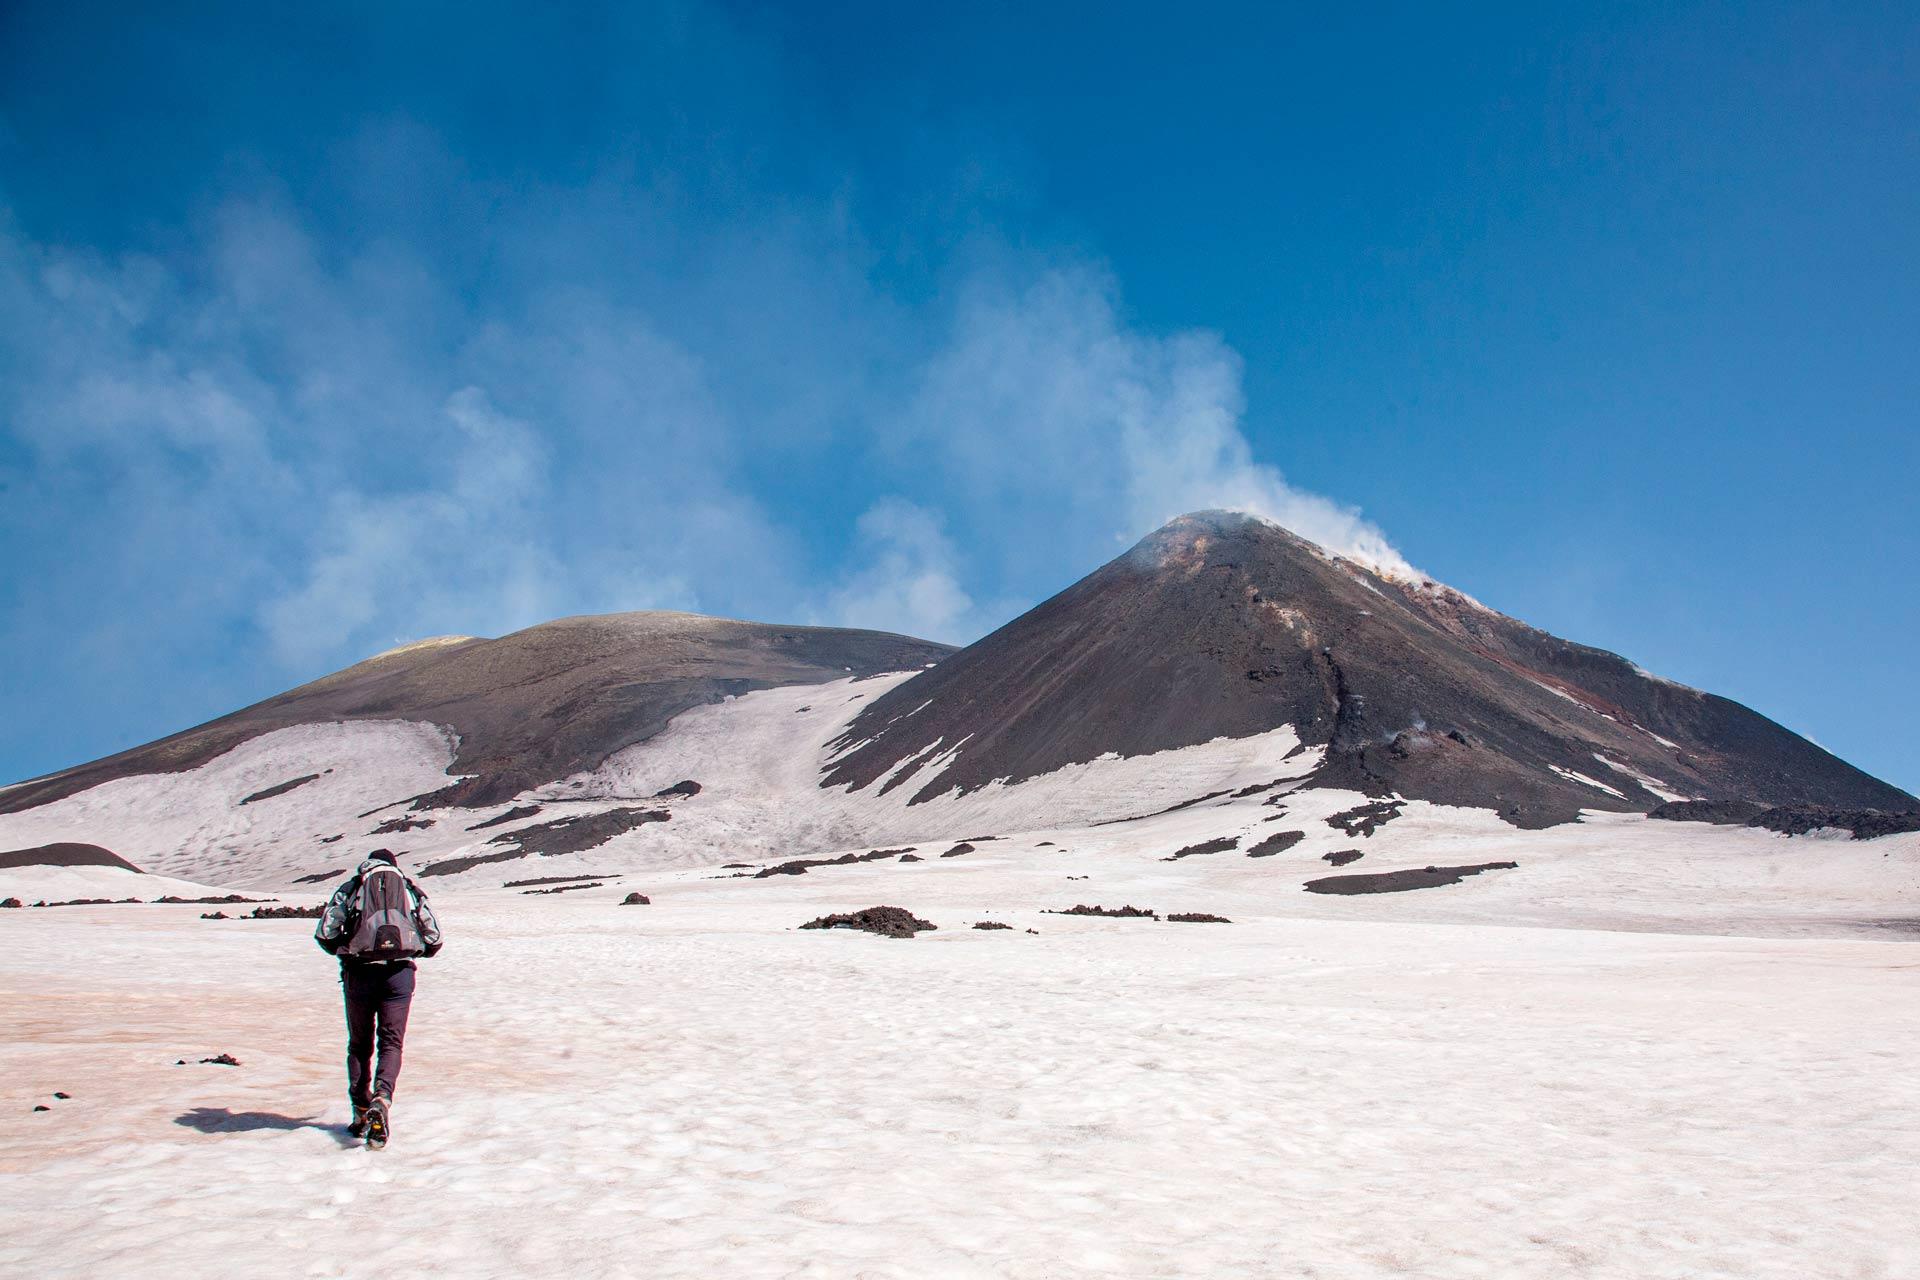 Inizia la scalata a piedi fino alla vetta pi? alta del vulcano. Veniamo avvolti da una calma surreale, ma sfortunatamente questa calma ? costantemente minacciata dalle collere del vulcano.